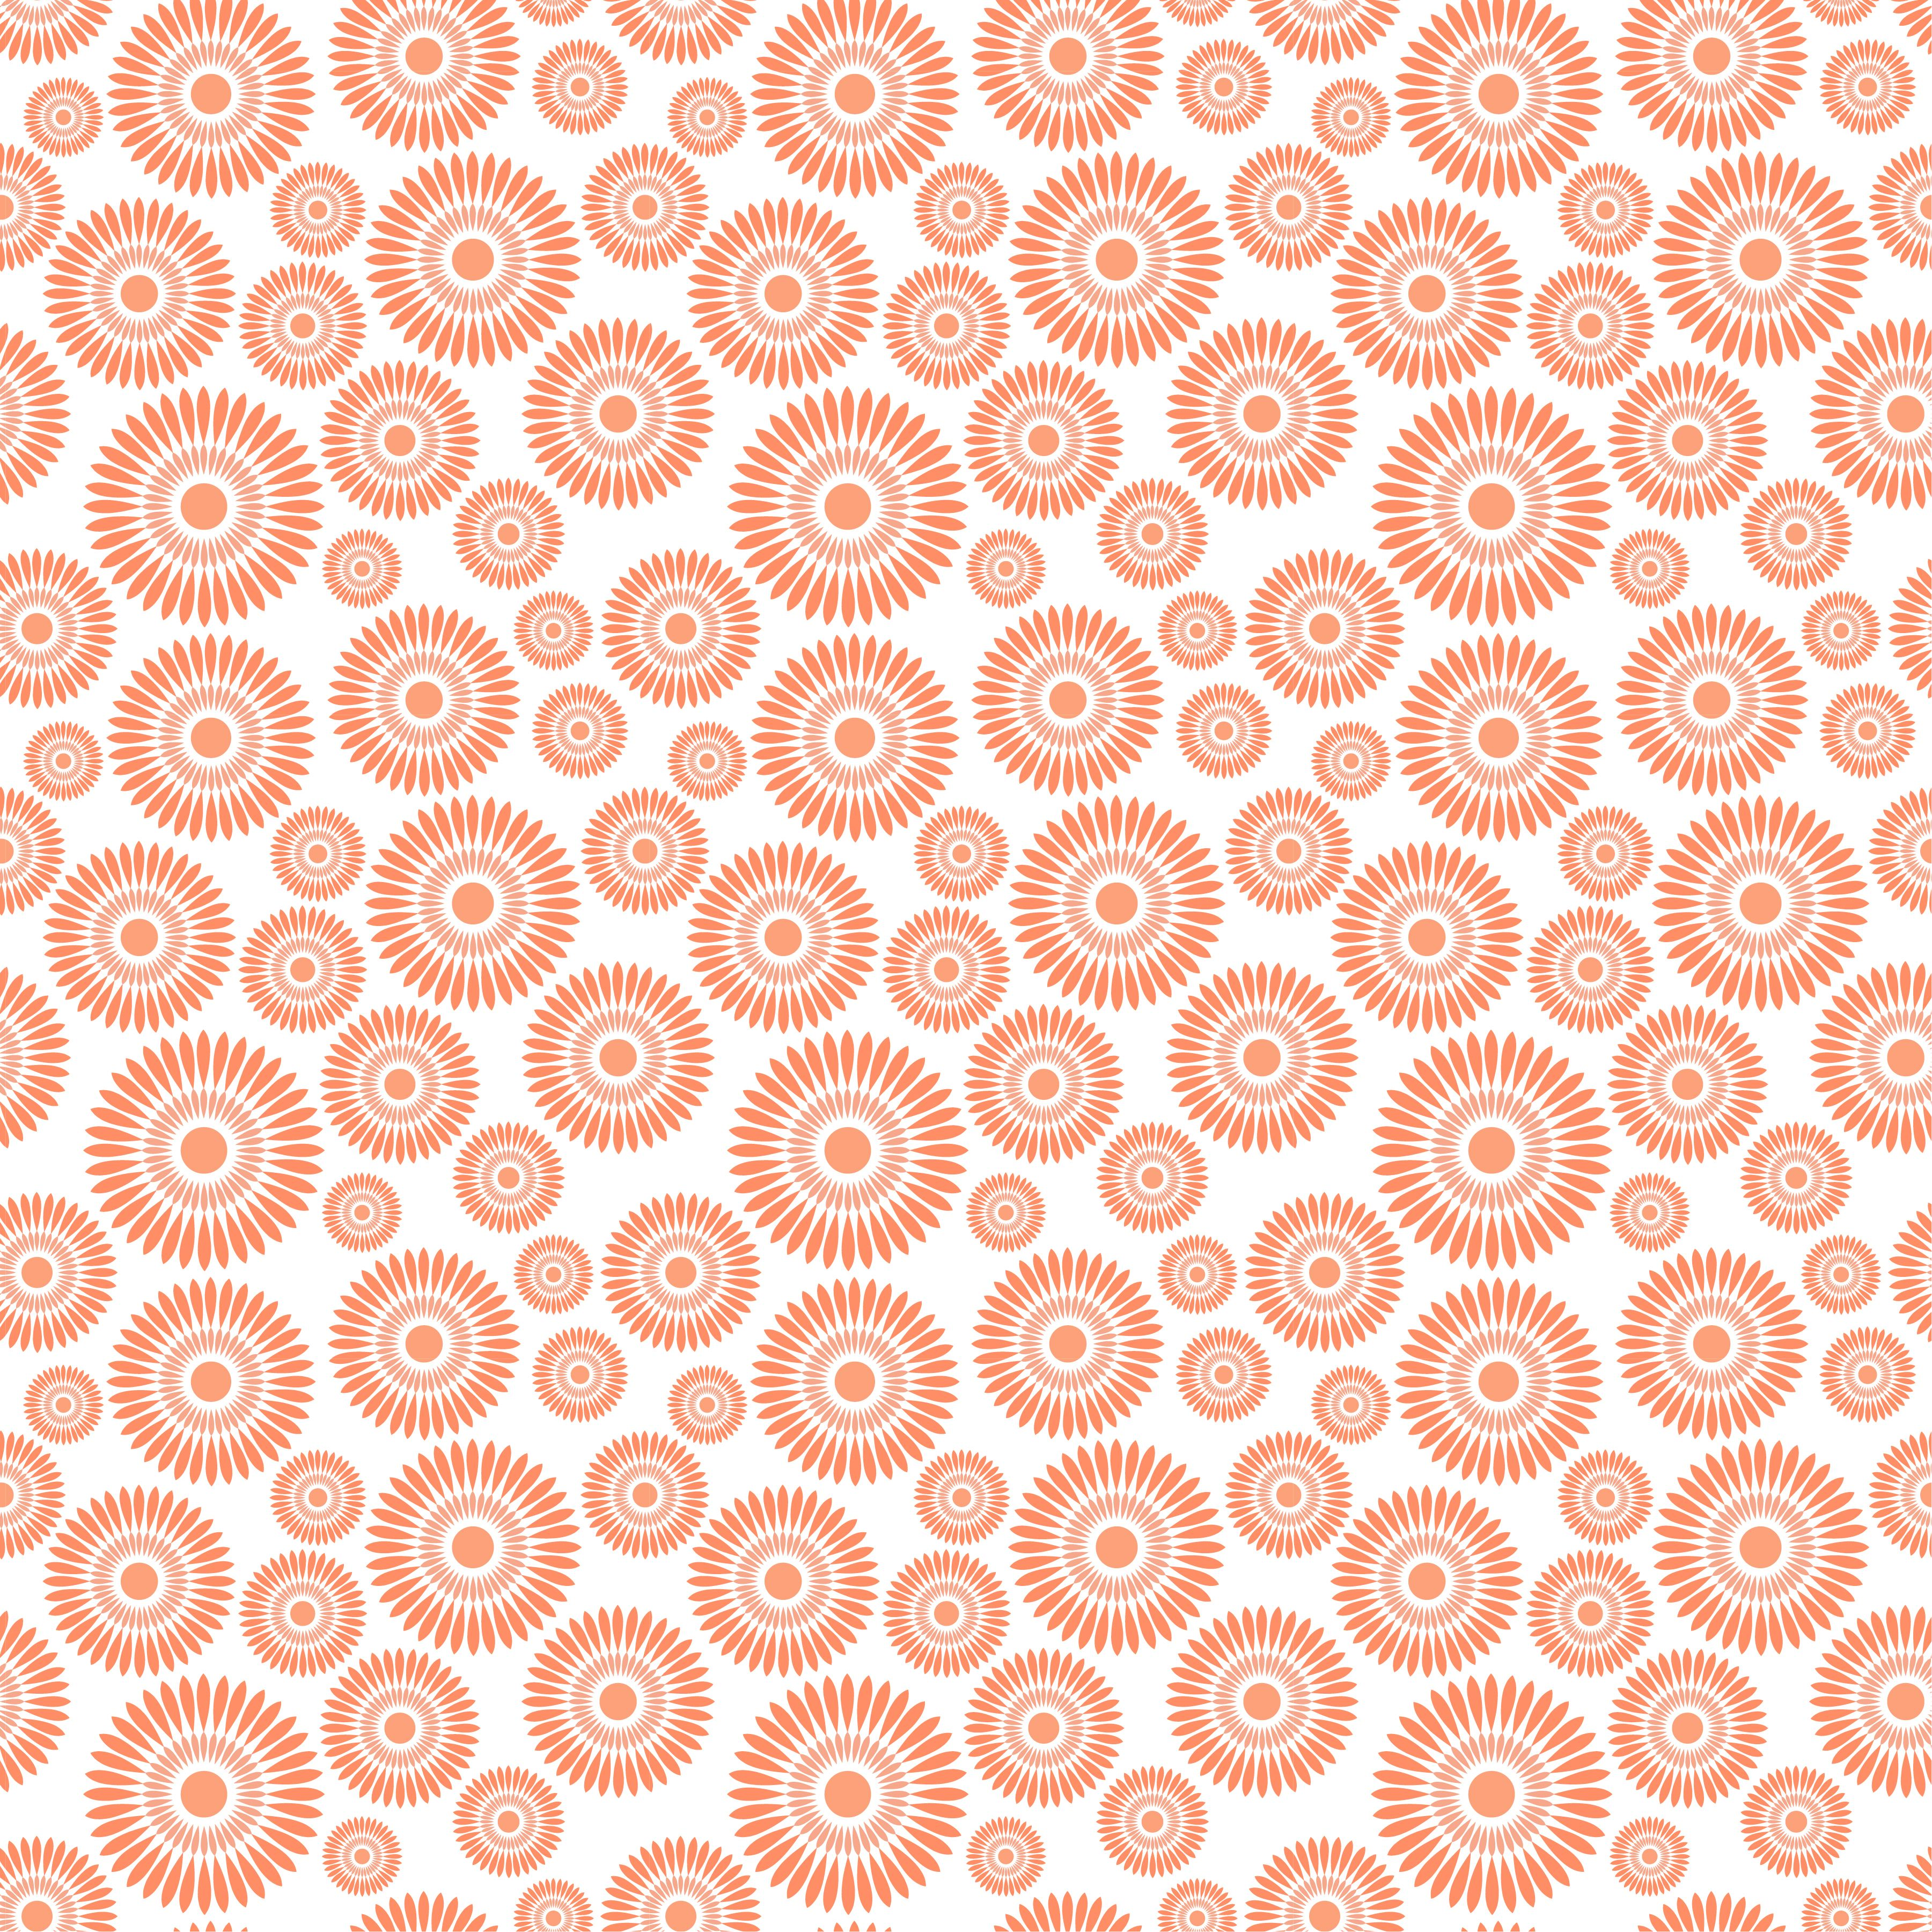 Ornate Floral Pattern Designs Floral Ornate Designs Pattern